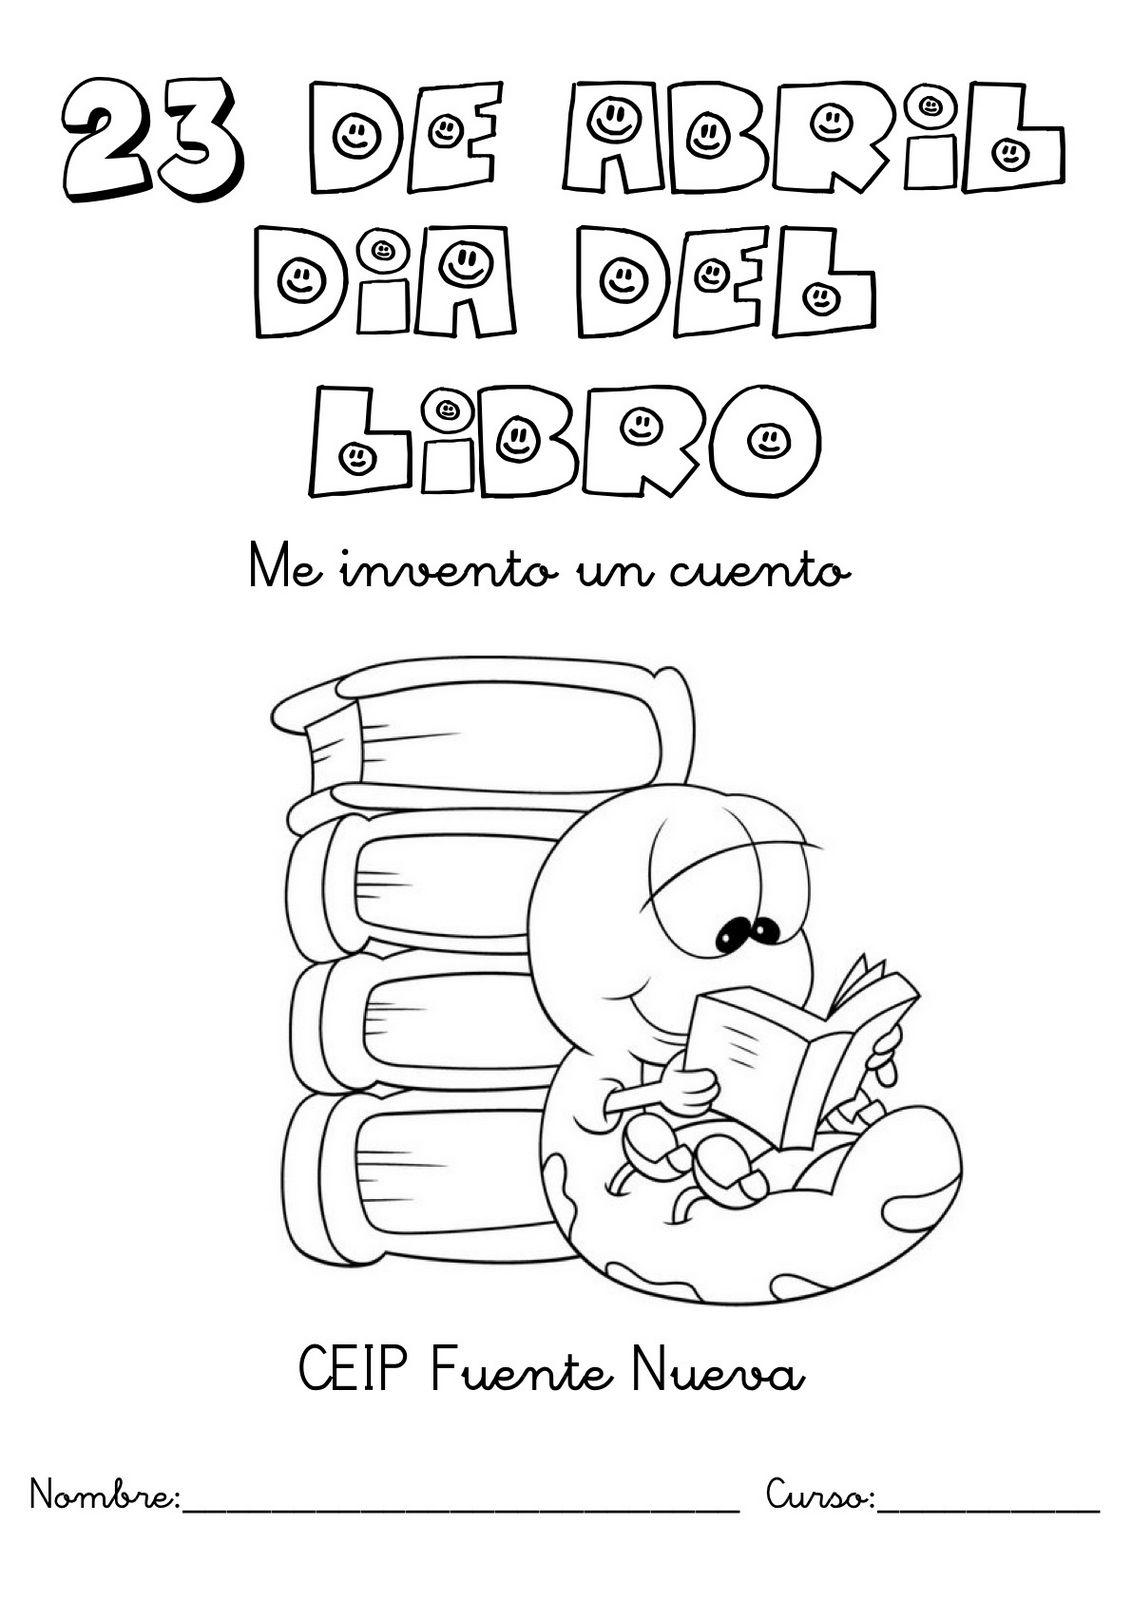 Invéntate un cuento en el día internacional del libro - Escuela en ...